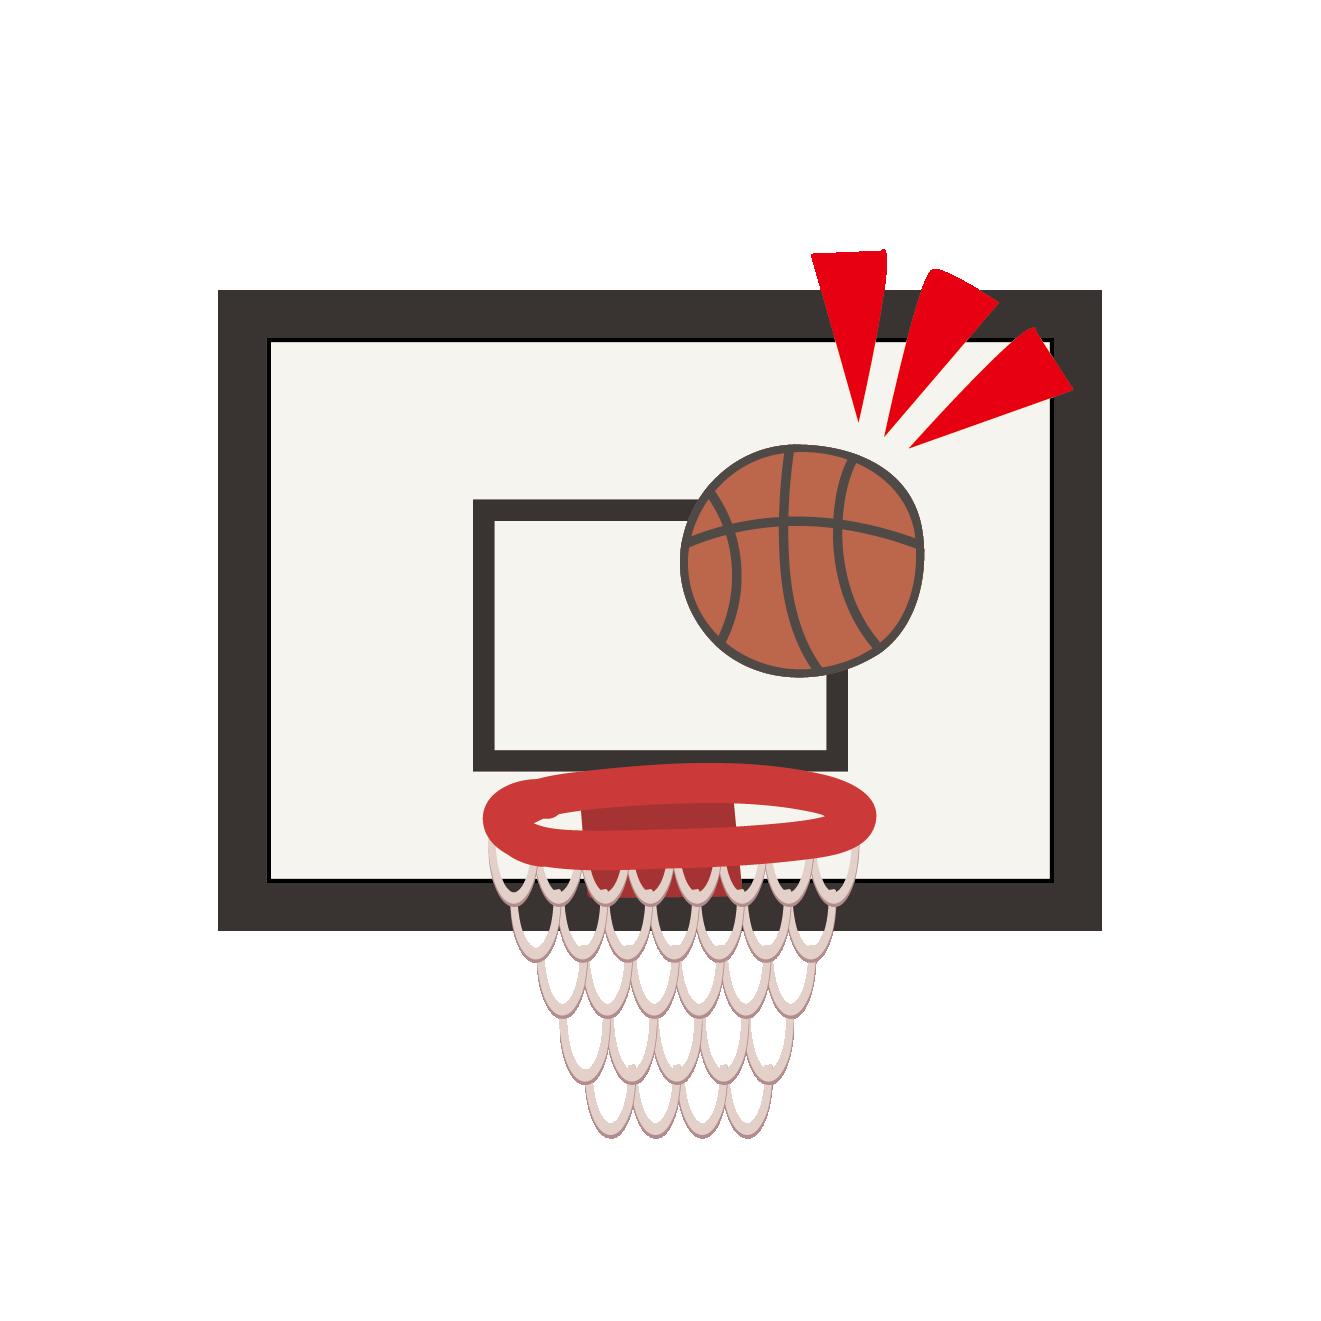 バスケバスケットボールでゴールシュート イラストスポーツ